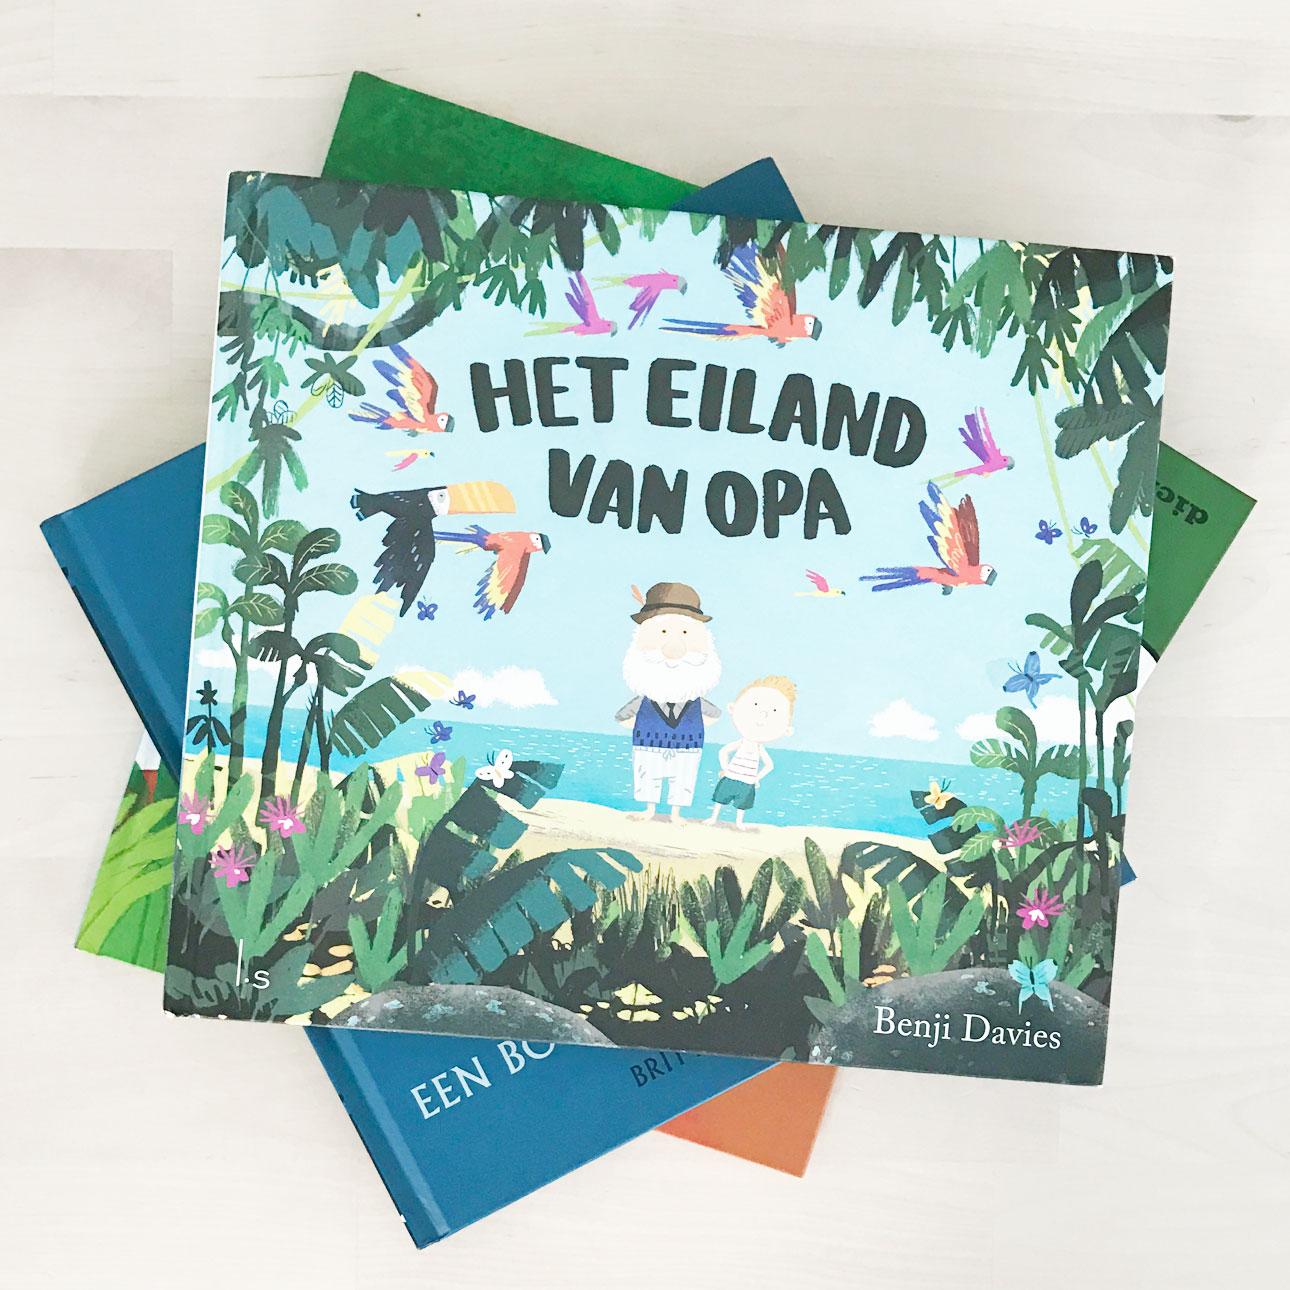 peuter-rouwverkwerking-boeken-tips-eiland-van-opa